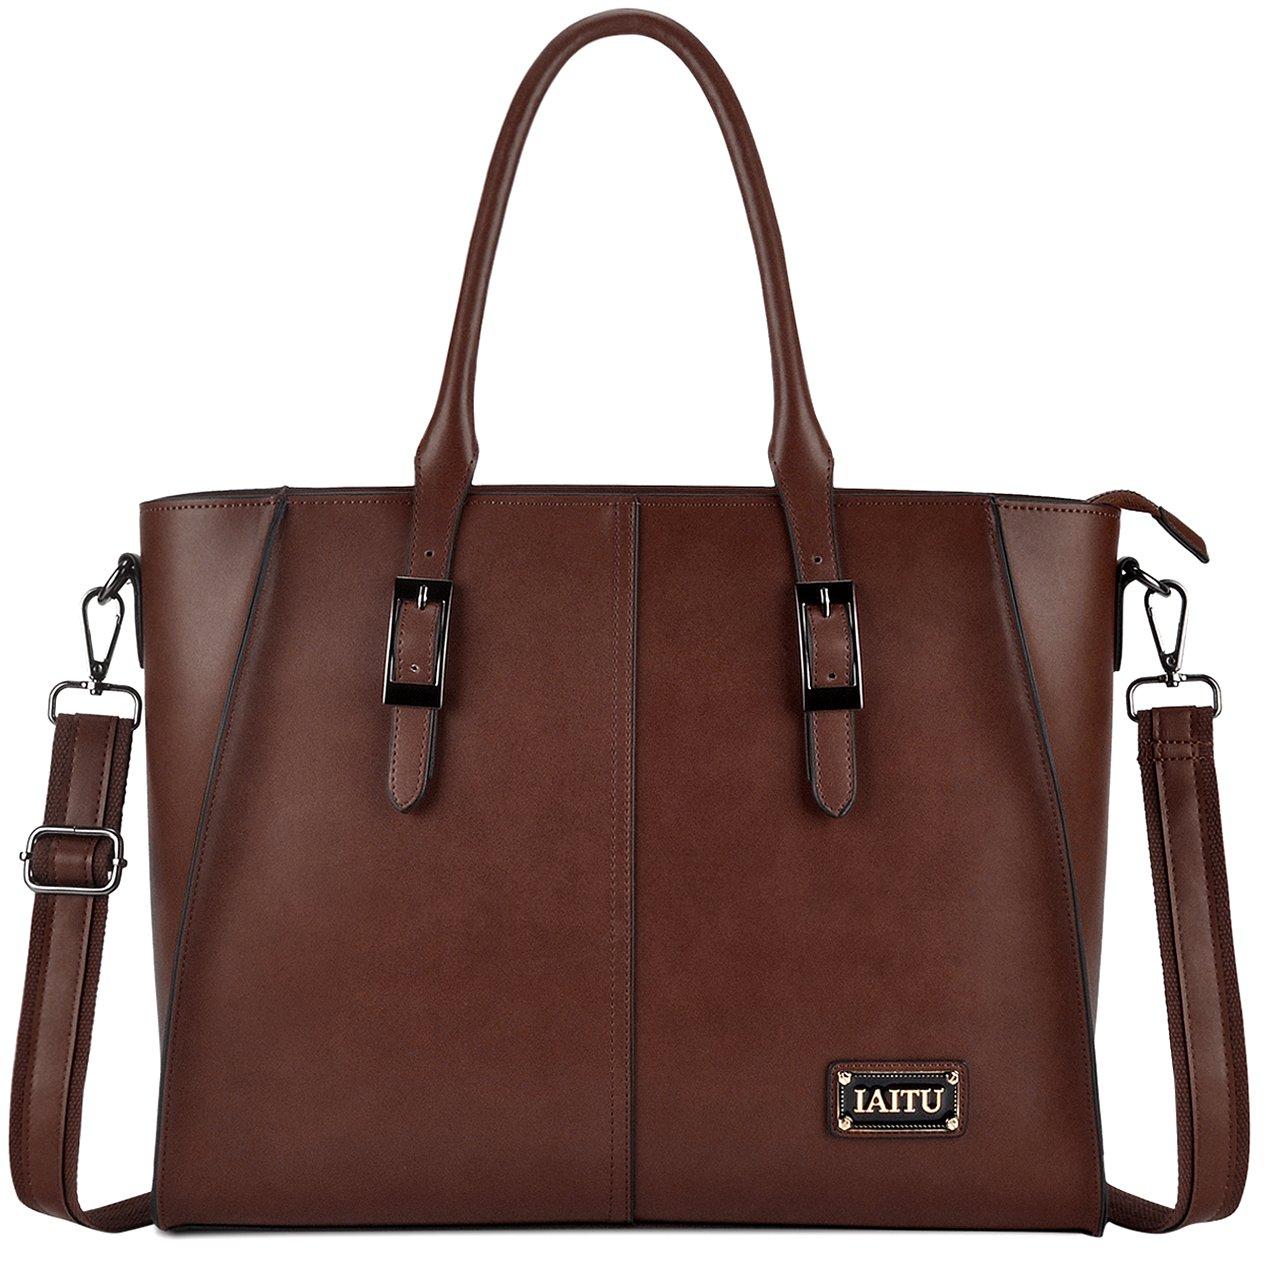 IAITU Laptop Bag, 15.6 Inch Laptop Briefcase Elegant Wing Tote Bag for Women/College Work School (Coffee) by IAITU (Image #1)